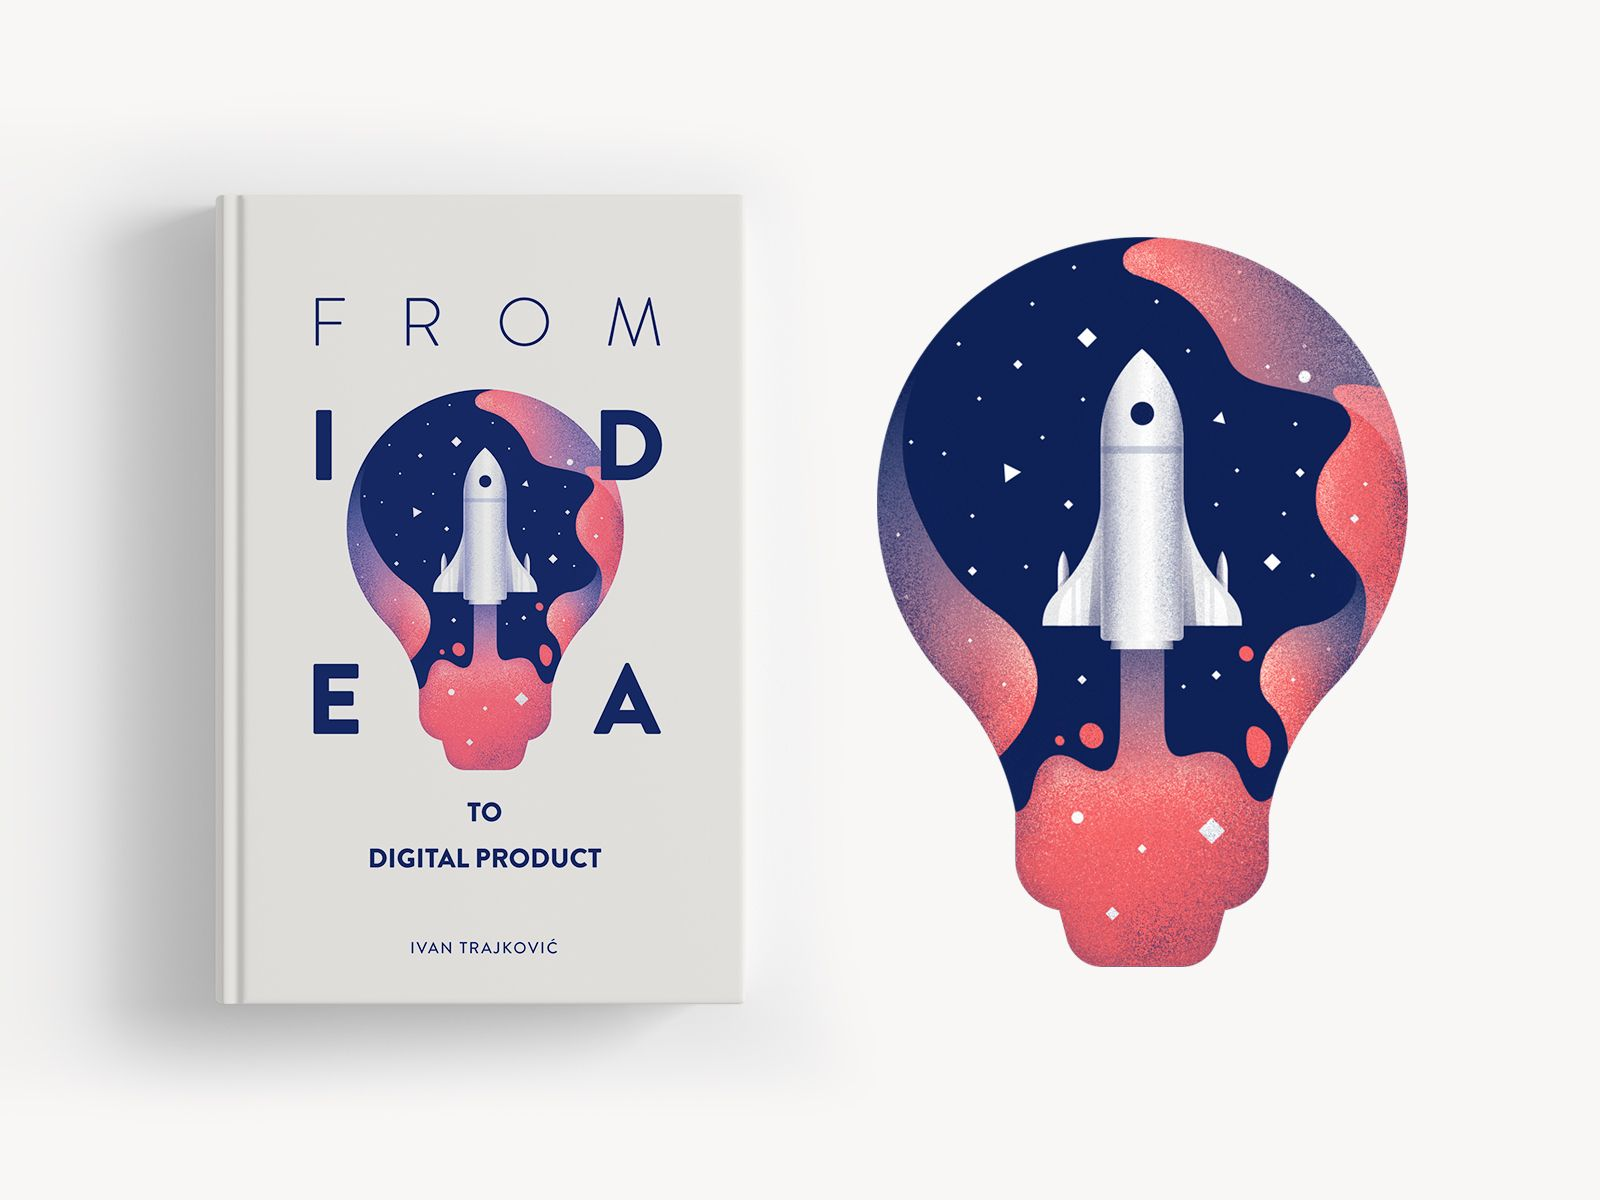 Book Cover Design Graphic Design Book Cover Book Cover Design Inspiration Graphic Design Books